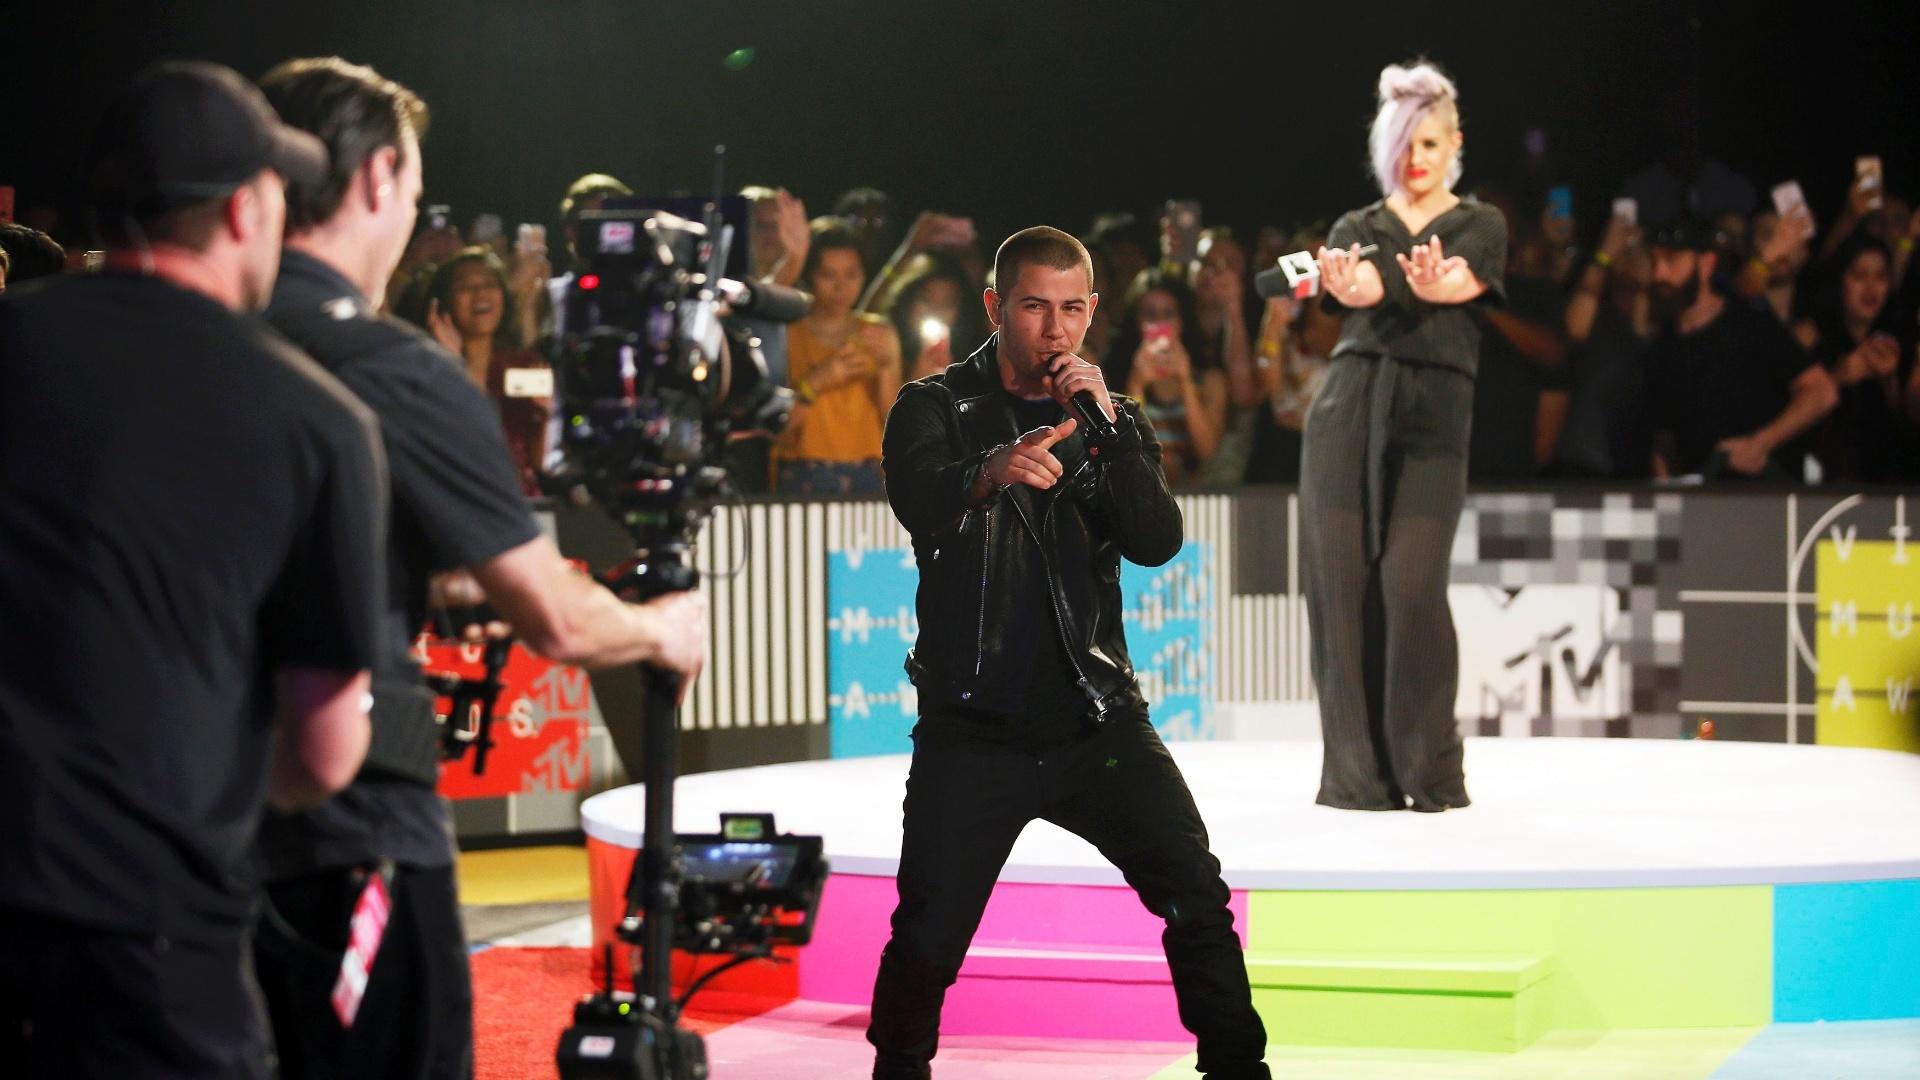 30.ago.2015 - O cantor Nick Jonas se apresenta no tapete vermelho do VMA 2015